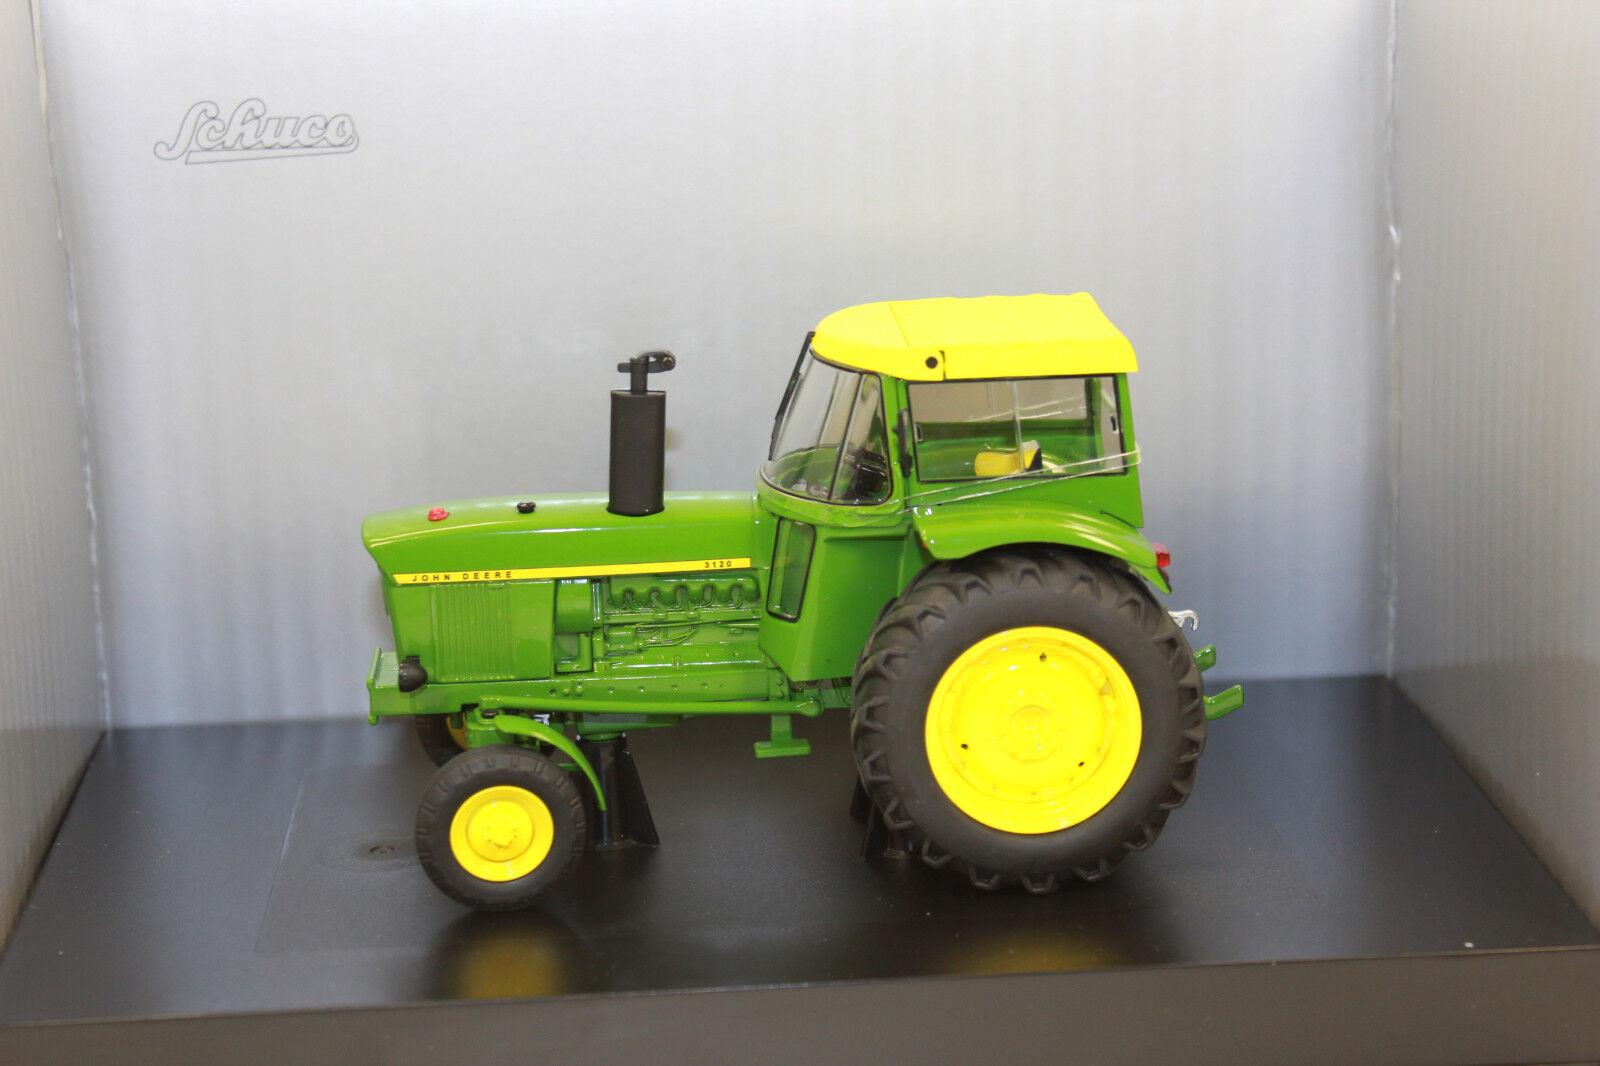 Schuco 07677 John Deere 3120 tracteur avec capote NEUF dans neuf dans sa boîte